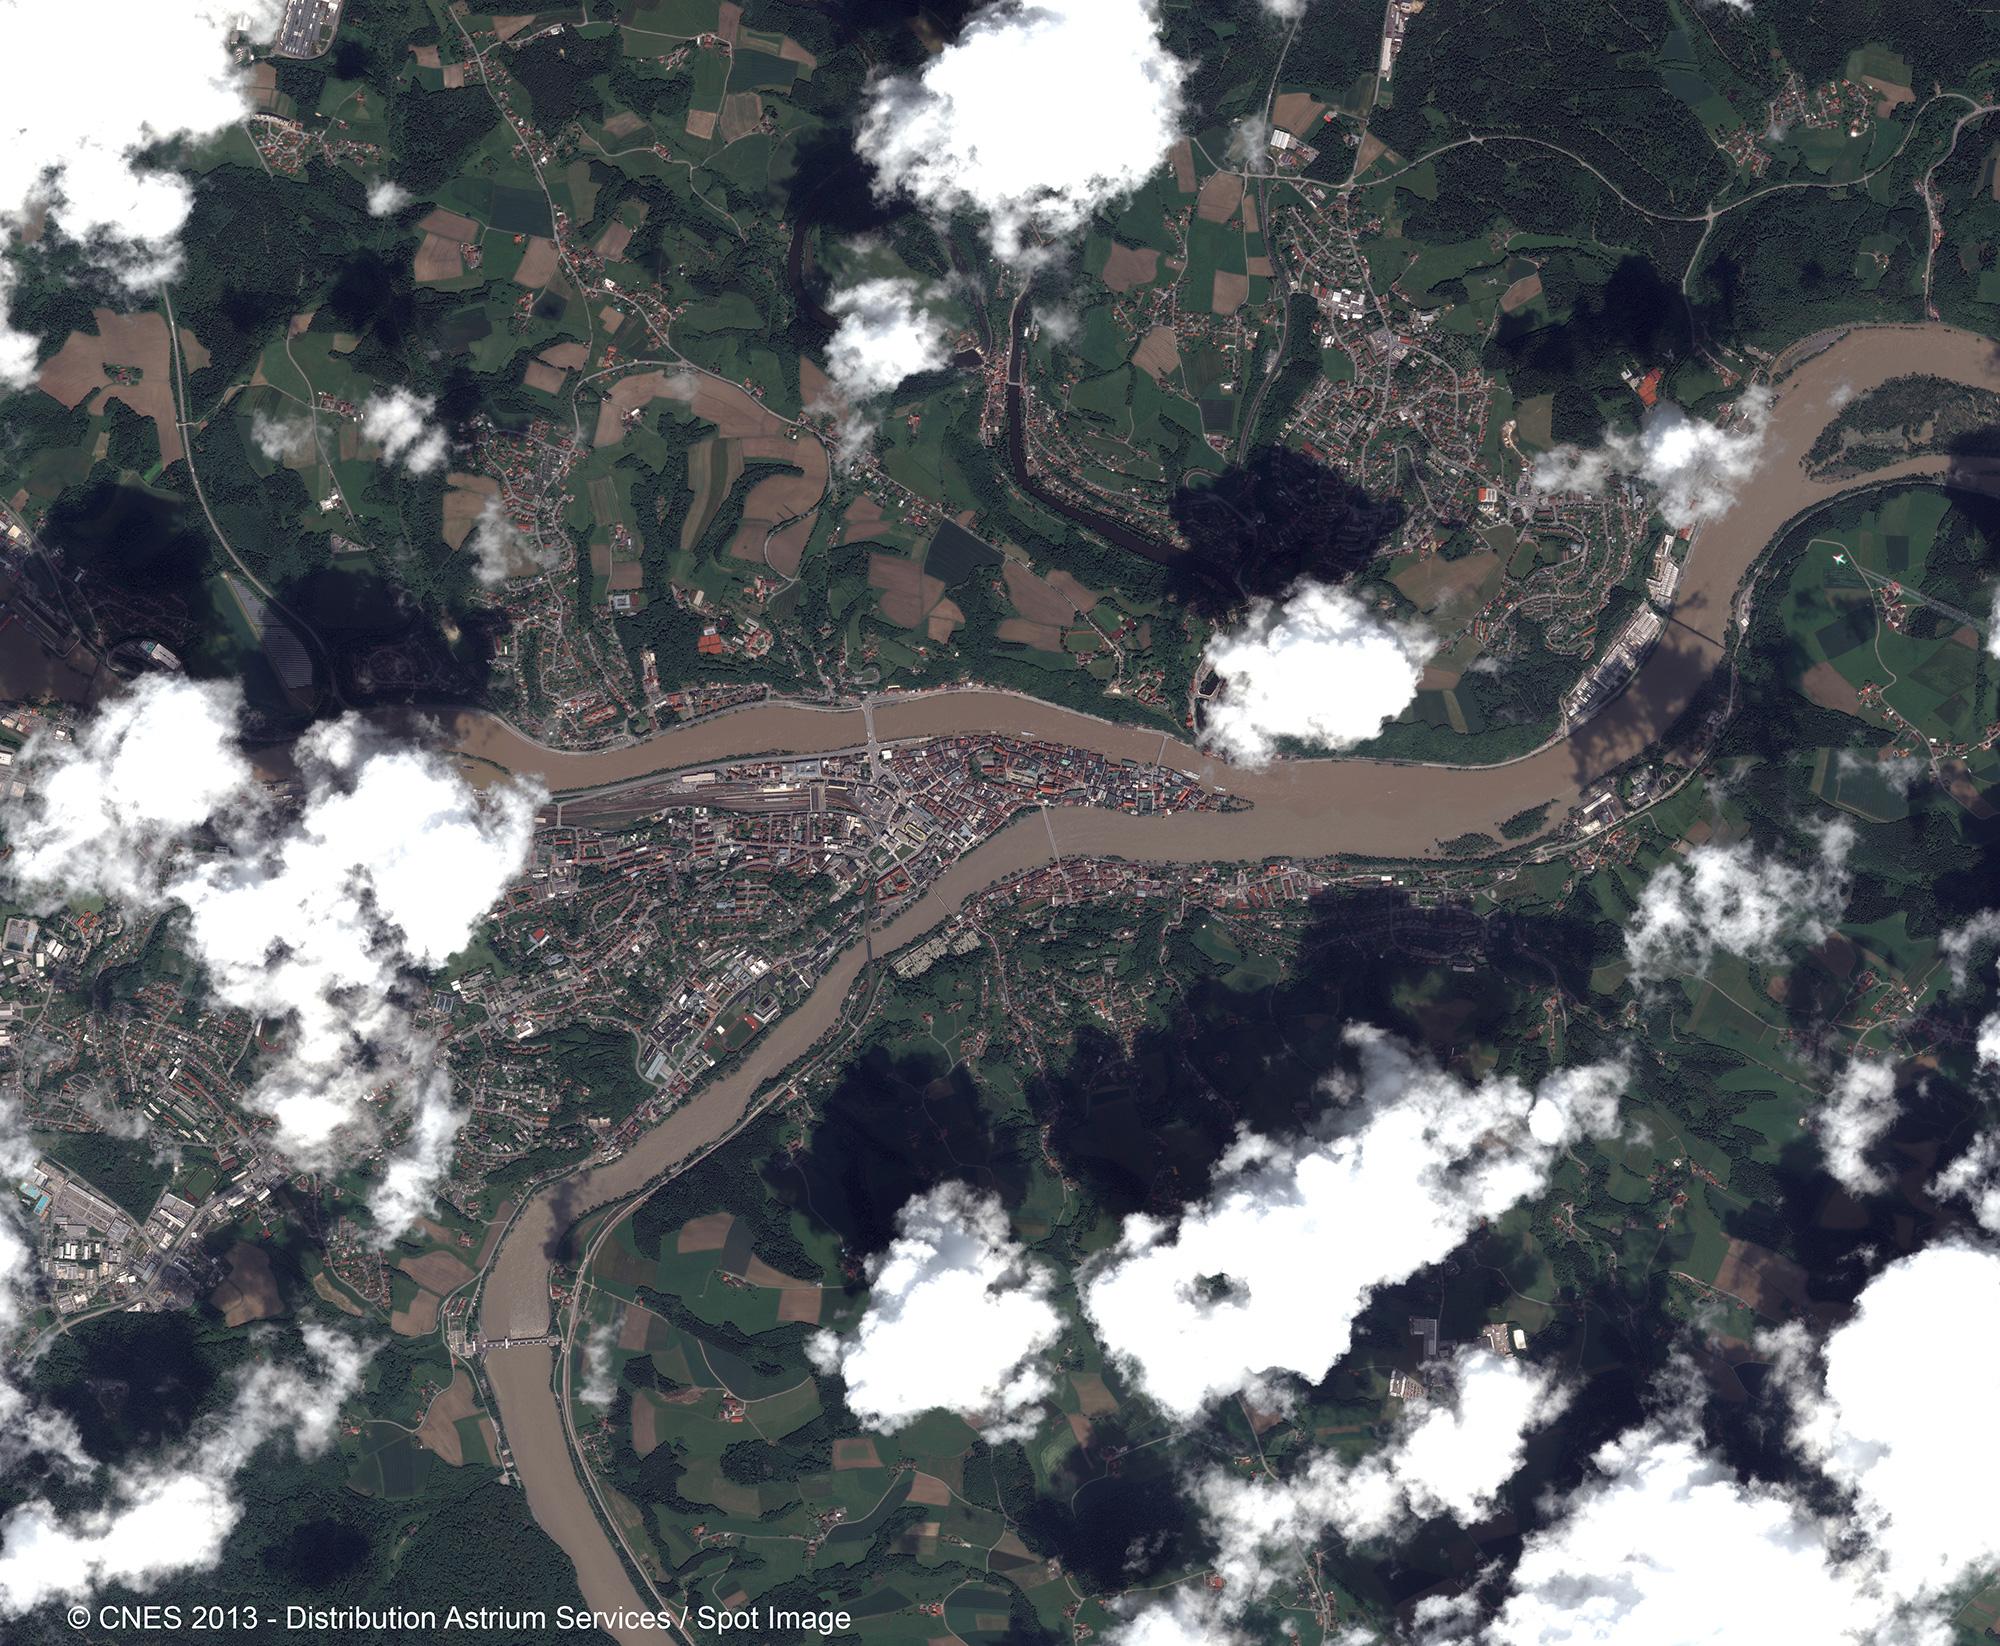 r22549_39_satellite_image_pleiades_floods_passau_20130605-2-1_comp.jpg